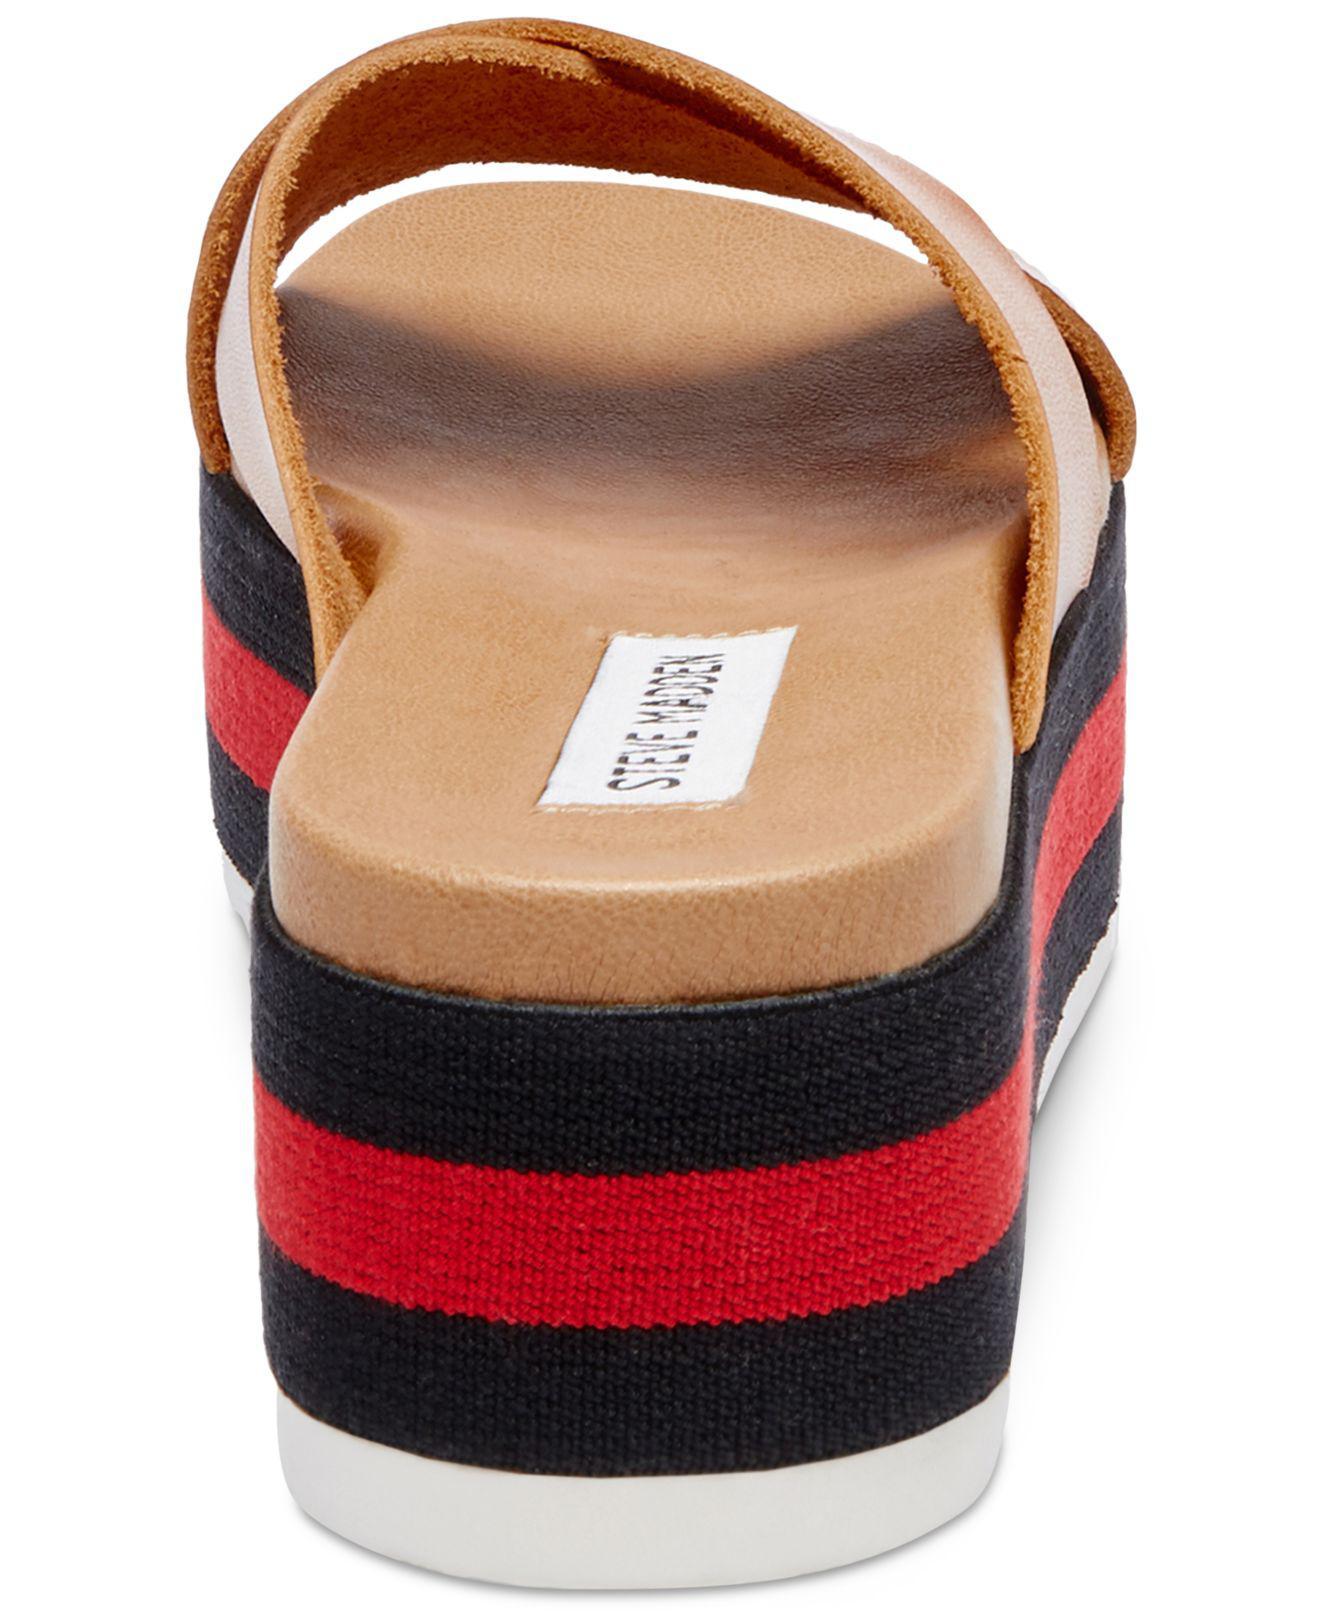 20e998cece4d Lyst - Steve Madden Asher Cross-band Flatform Sandals